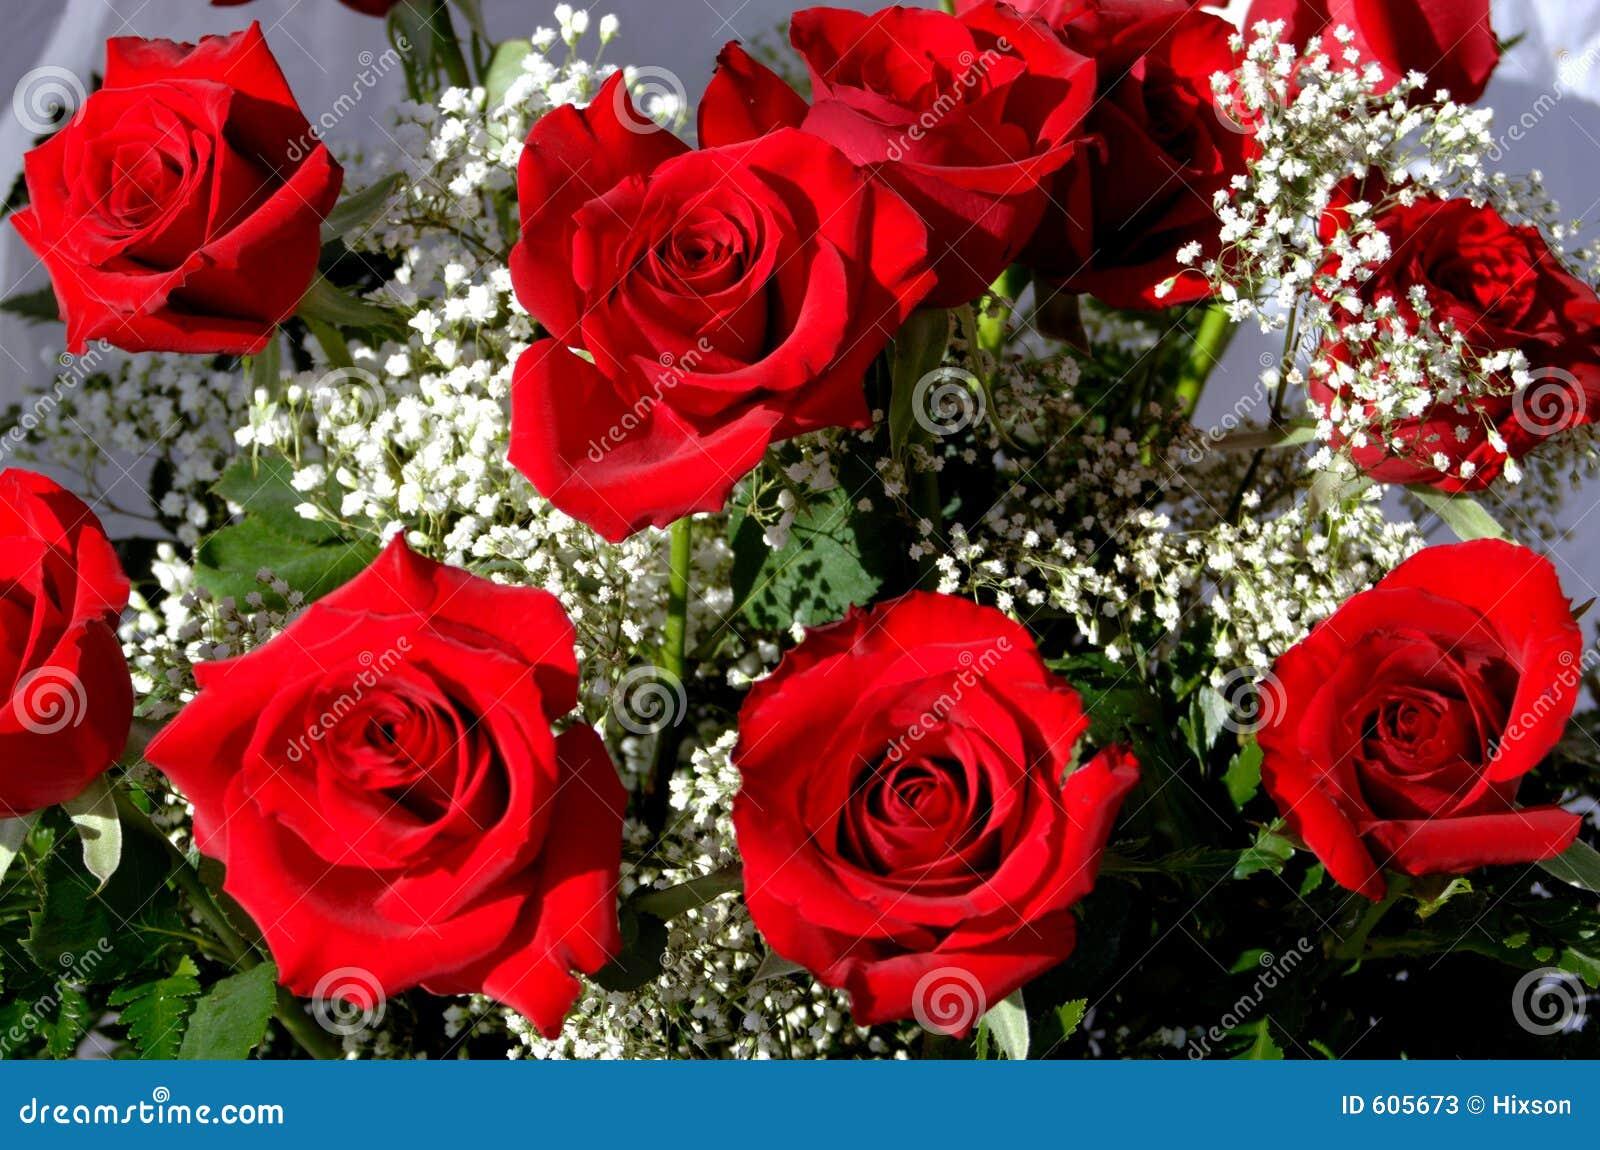 Super Mazzo di rose immagine stock. Immagine di bianco, profumo - 605673 JE54